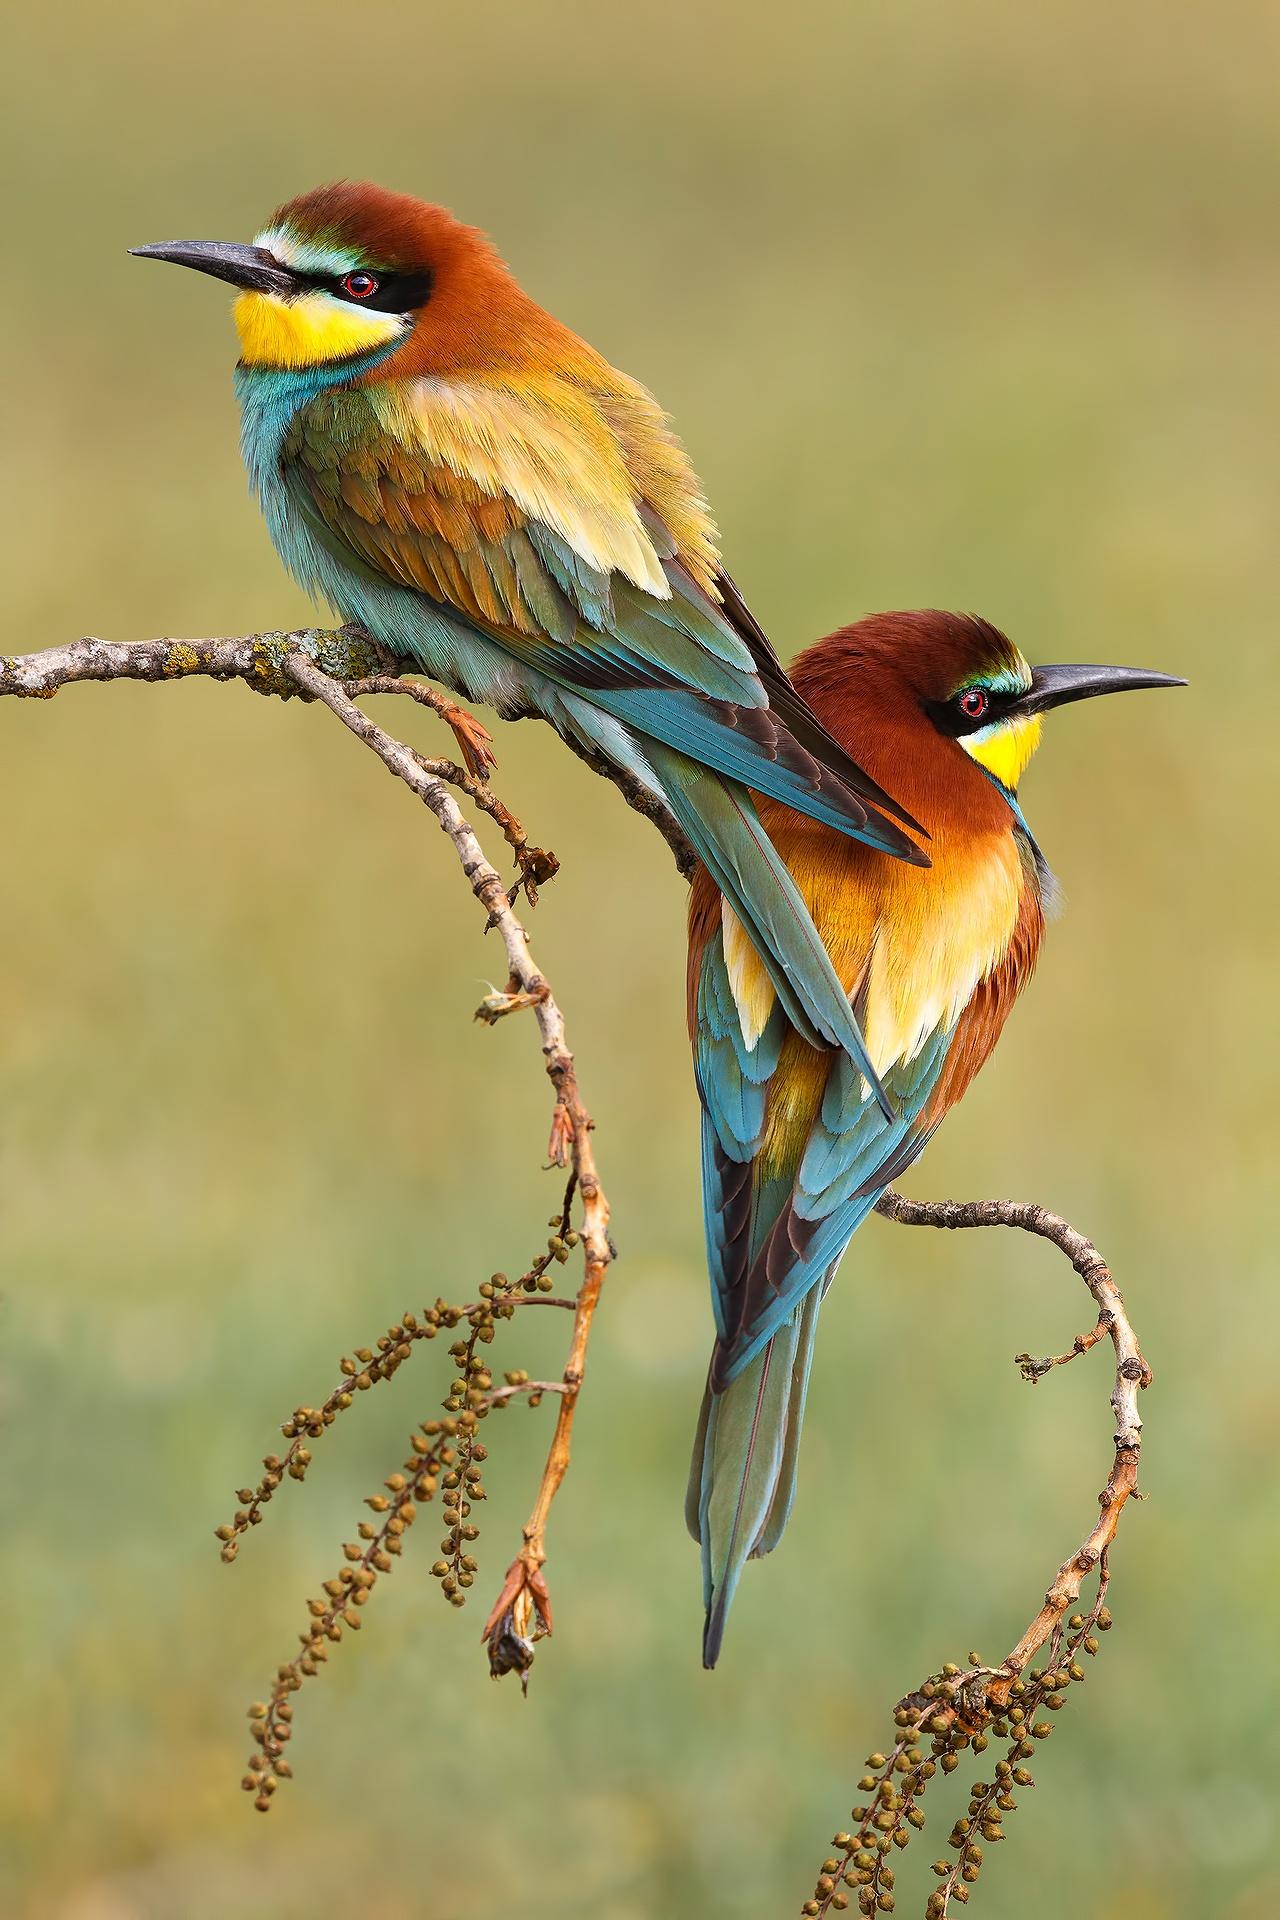 Amores de abejaruco - Mario Suarez - Portfolio Natural, Fotografía de Naturaleza de Autor